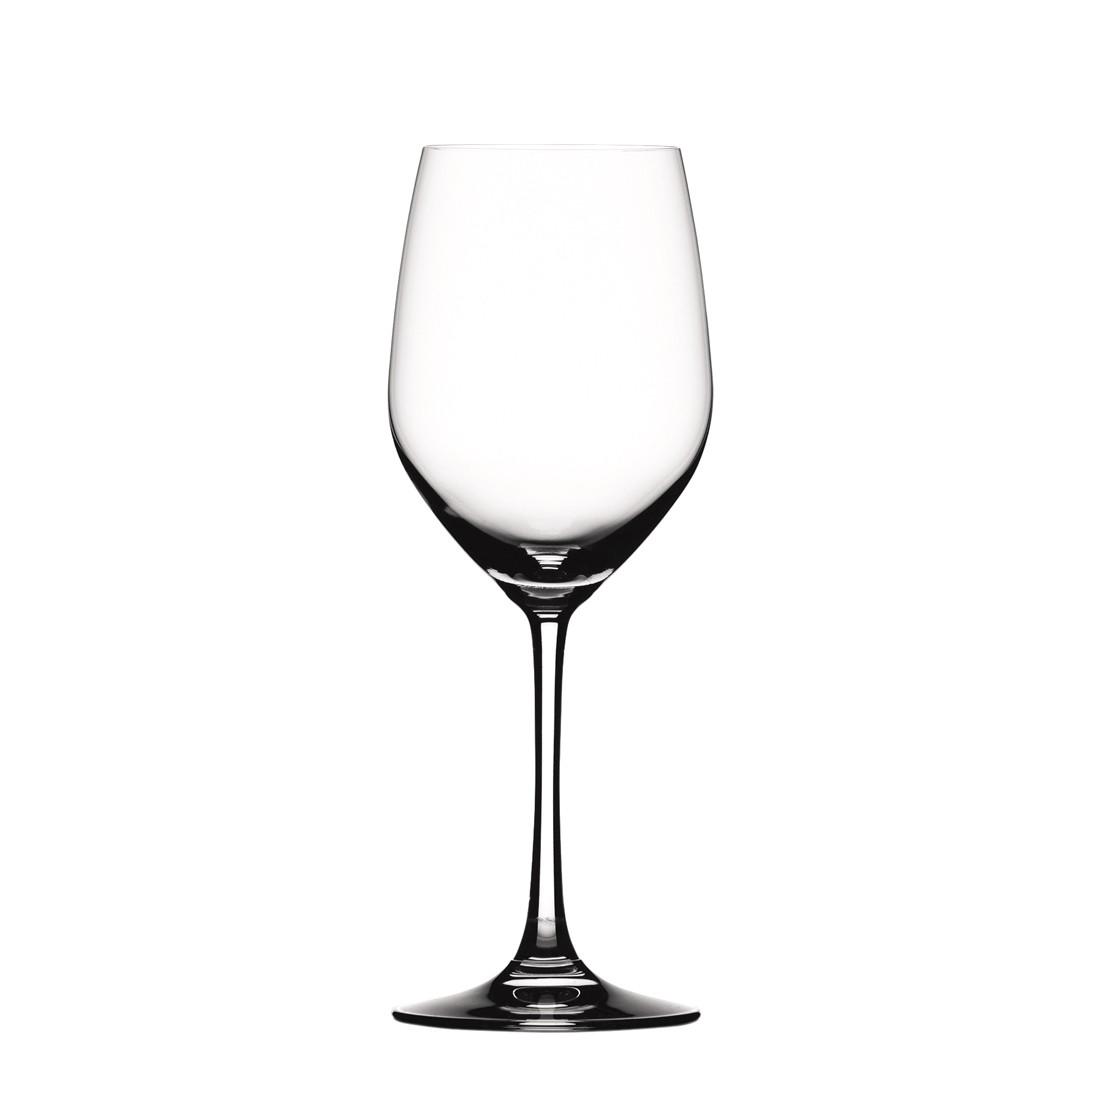 VinoGrande Rotwein/Wasserglas 2er-Set, Spiegelau bestellen